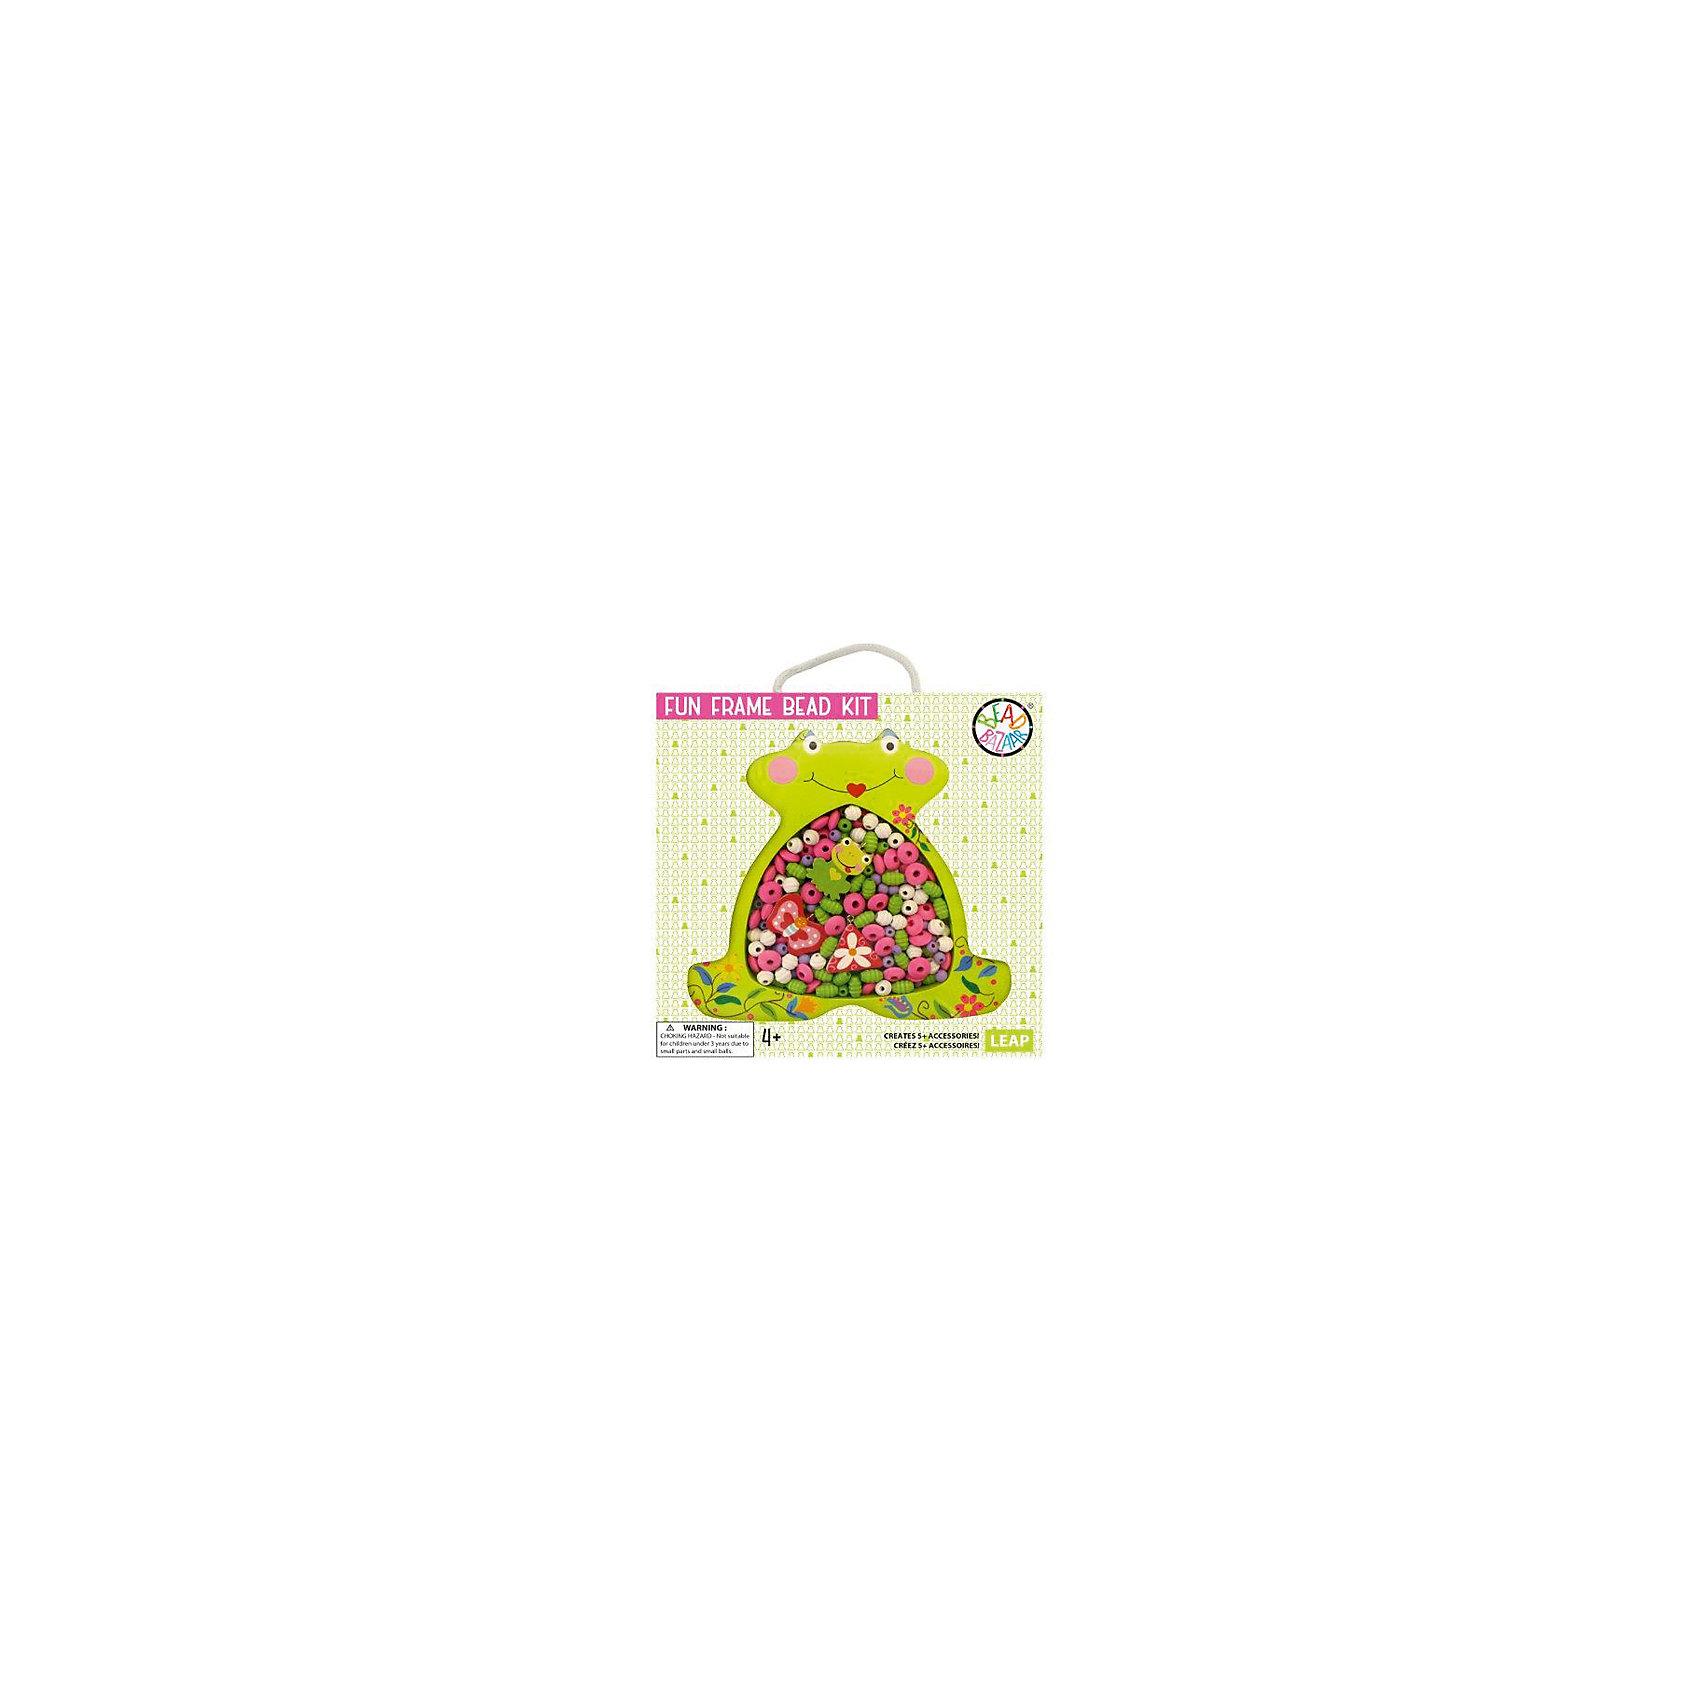 Набор бусин в рамке ЛягушкаНабор бусин в рамке Лягушка состоит из большого количества разноцветных бусинок, используя которые можно создавать стильные бусы или браслетики. Это изумительная возможность продемонстрировать свои творческие способности в полной мере! Оригинальную упаковку с вырезанным контуром забавной лягушки можно использовать в качестве рамки для своего фото.<br><br>Комплектация: деревянные бусины, хлопковые веревочки, 3 подвески, инструкция по сборке<br><br>Дополнительная информация:<br>-Развивает: воображение, творческие способности, усидчивость, мелкую моторику, координацию движений, комбинаторные способности, аккуратность<br>-Вес в упаковке: 100 г<br>-Размеры в упаковке: 24х25х3 см<br>-Материалы: дерево, текстиль<br><br>С Набором бусин Лягушка Ваша девочка сможет сделать себе комплект украшений и быть самой красивой!<br><br>Набор бусин в рамке Лягушка можно купить в нашем магазине.<br><br>Ширина мм: 240<br>Глубина мм: 250<br>Высота мм: 30<br>Вес г: 100<br>Возраст от месяцев: 48<br>Возраст до месяцев: 108<br>Пол: Женский<br>Возраст: Детский<br>SKU: 4278047